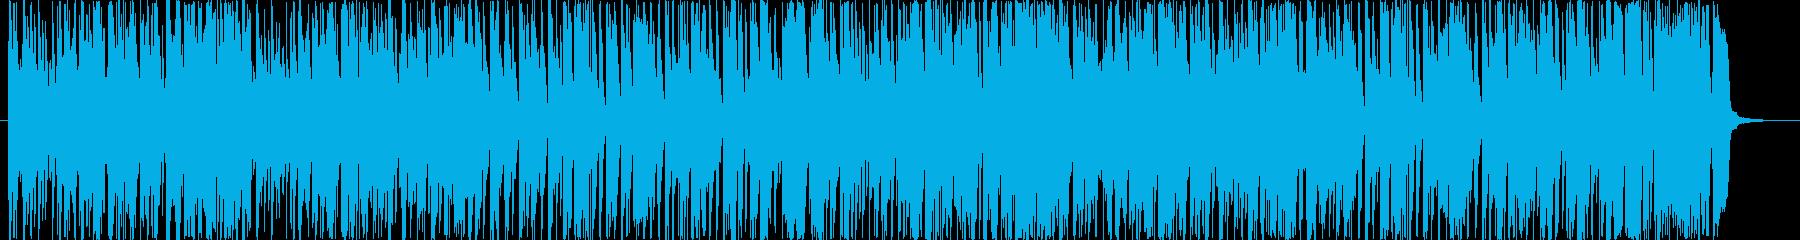 ジャズ 楽しげ お洒落 クール フ...の再生済みの波形